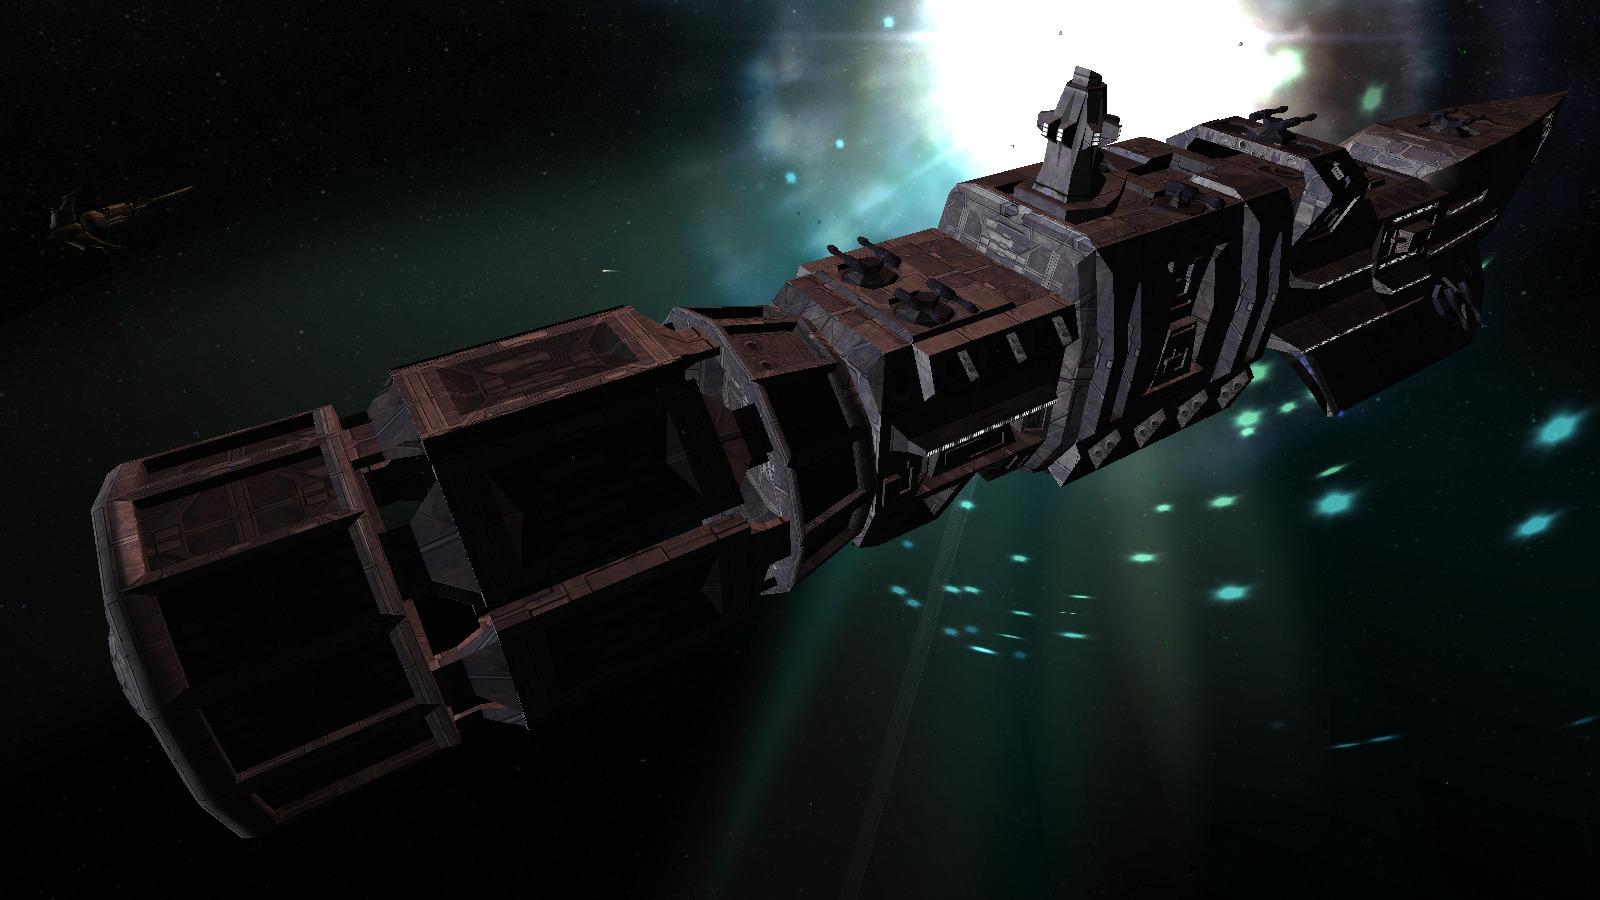 Battleship Deliverance